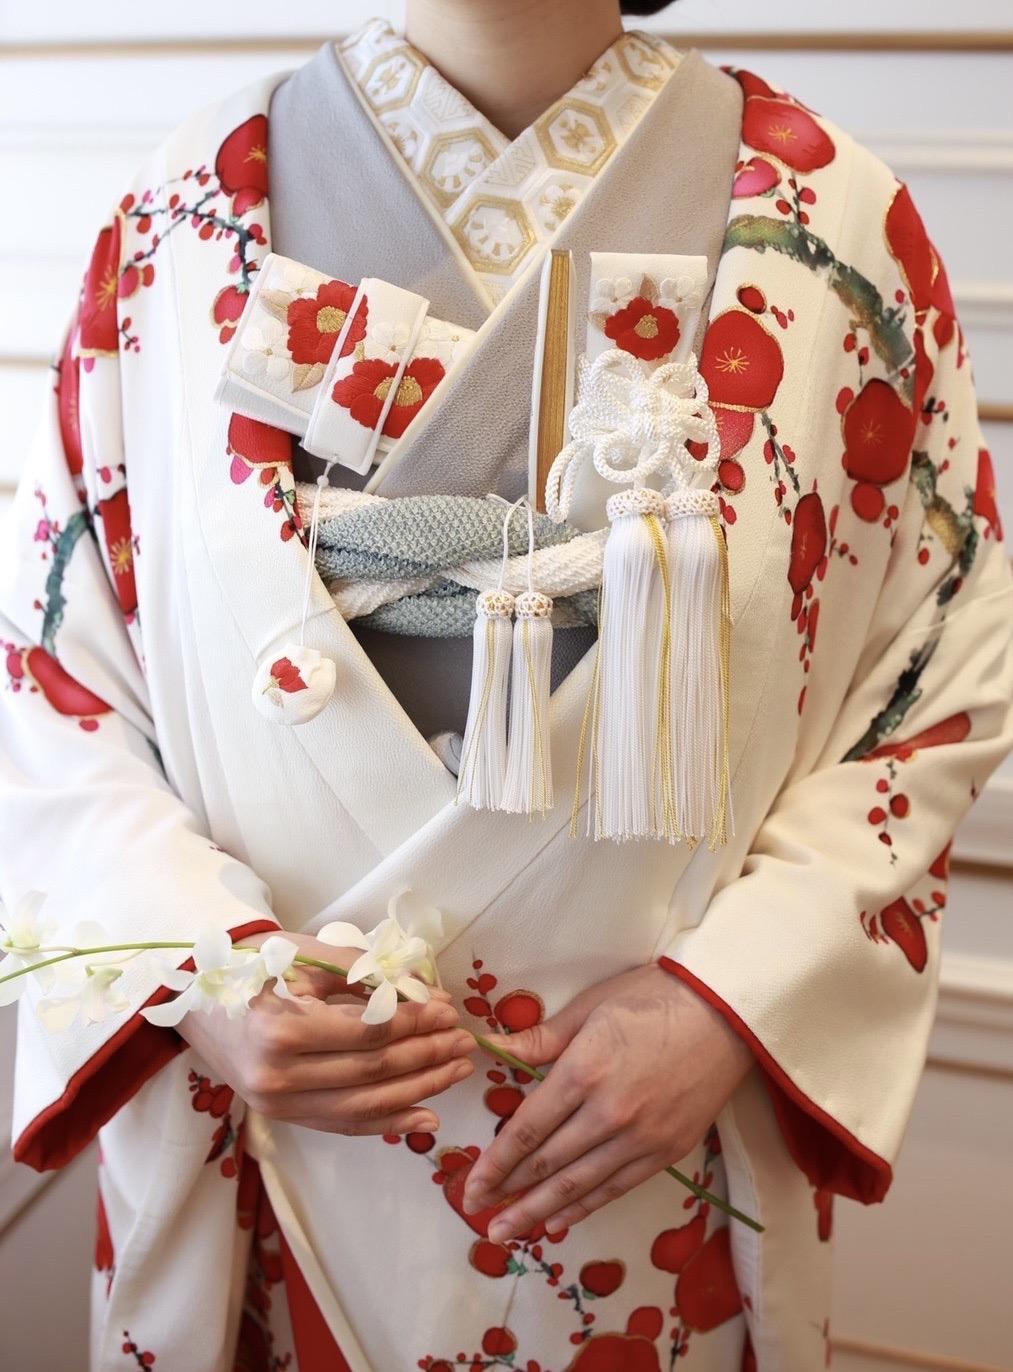 和装結婚式をお考えの花嫁様におすすめの白地に梅の花の柄の色打掛